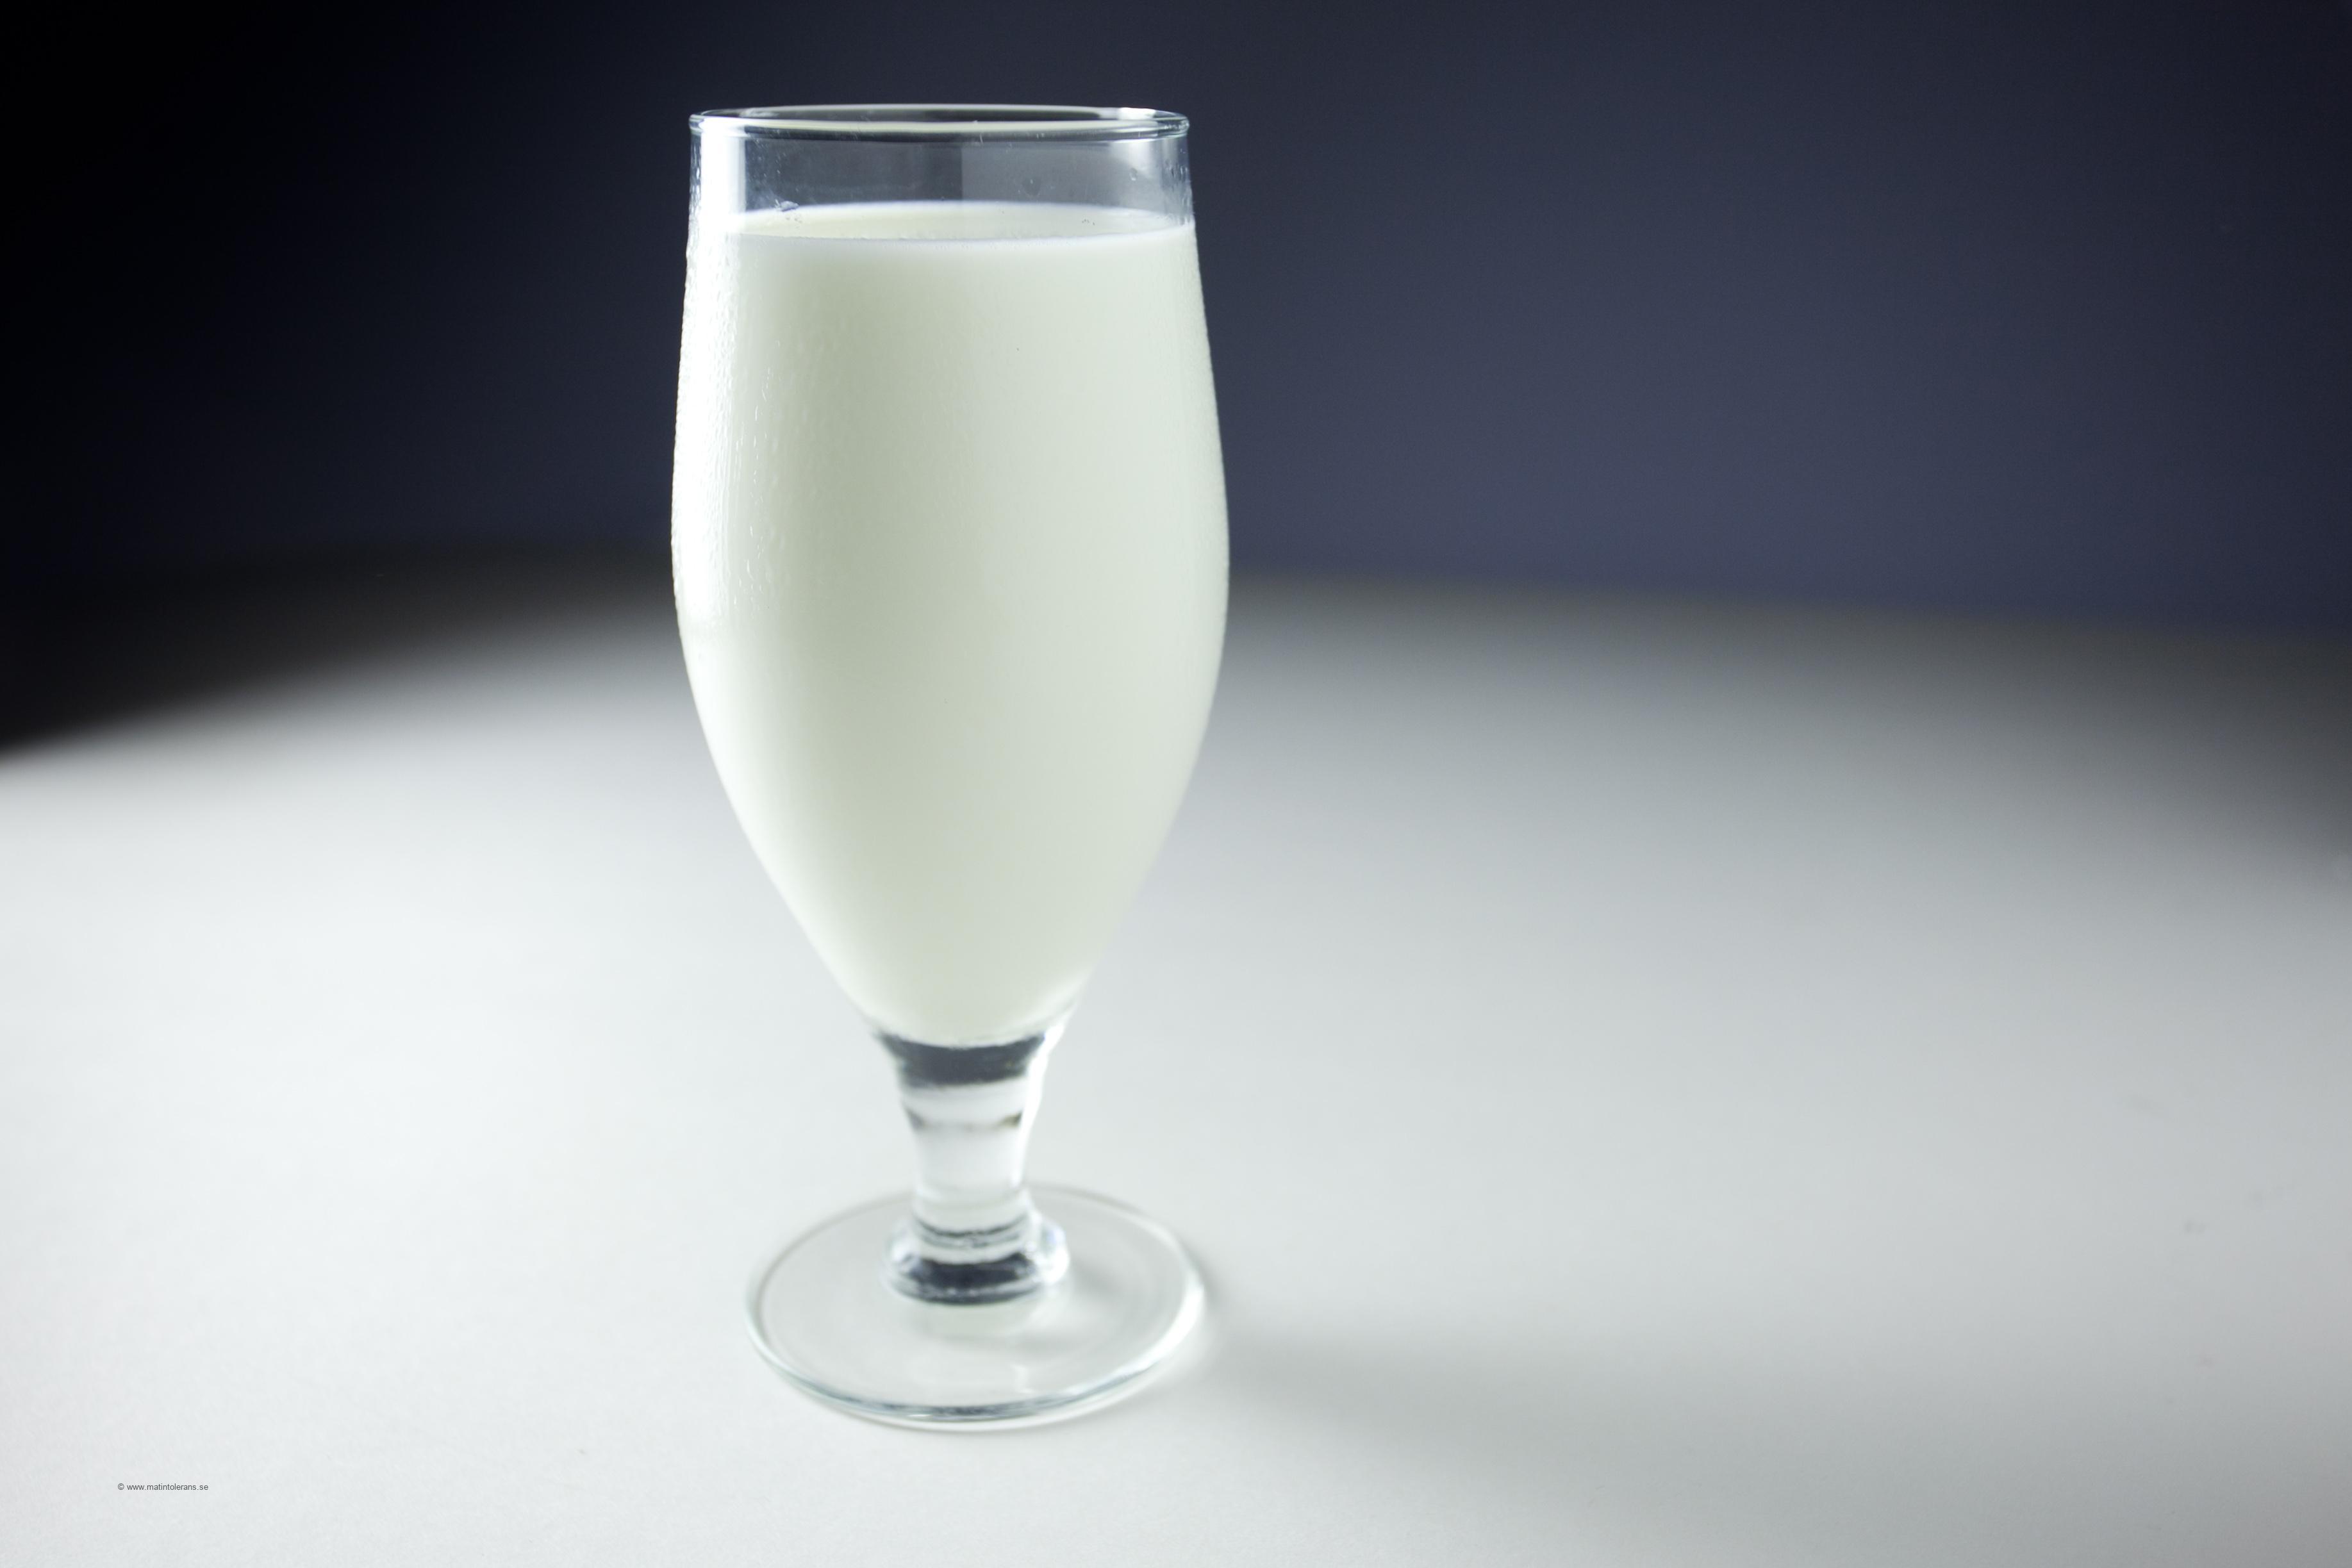 Nyhet: Ny artikel på gång om mjölkallergiker som tål upphettad mjölk